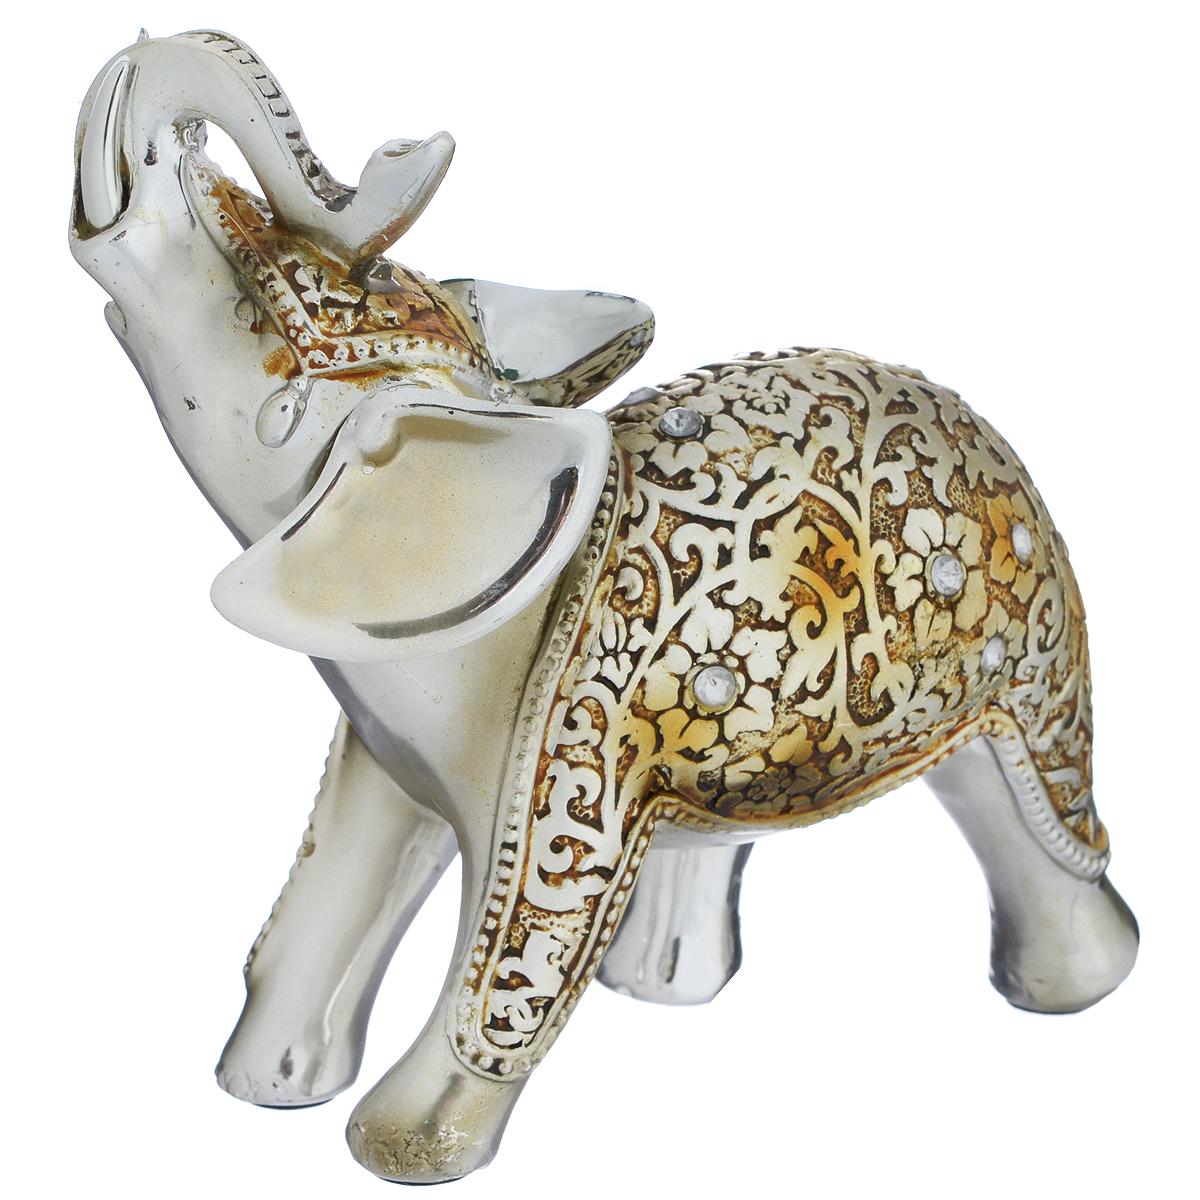 Фигурка декоративная Molento Нарядный слон, высота 11 см74-0060Декоративная фигурка Molento Нарядный слон, изготовленная из полистоуна, выполнена в виде слона и украшена рельефным рисунком и стразами. Такая фигурка станет отличным дополнением к интерьеру.Вы можете поставить фигурку в любом месте, где она будет удачно смотреться, и радовать глаз. Кроме того, фигурка Нарядный слон станет чудесным сувениром для ваших друзей и близких. Размер фигурки: 11,5 см х 5 см х 11 см.